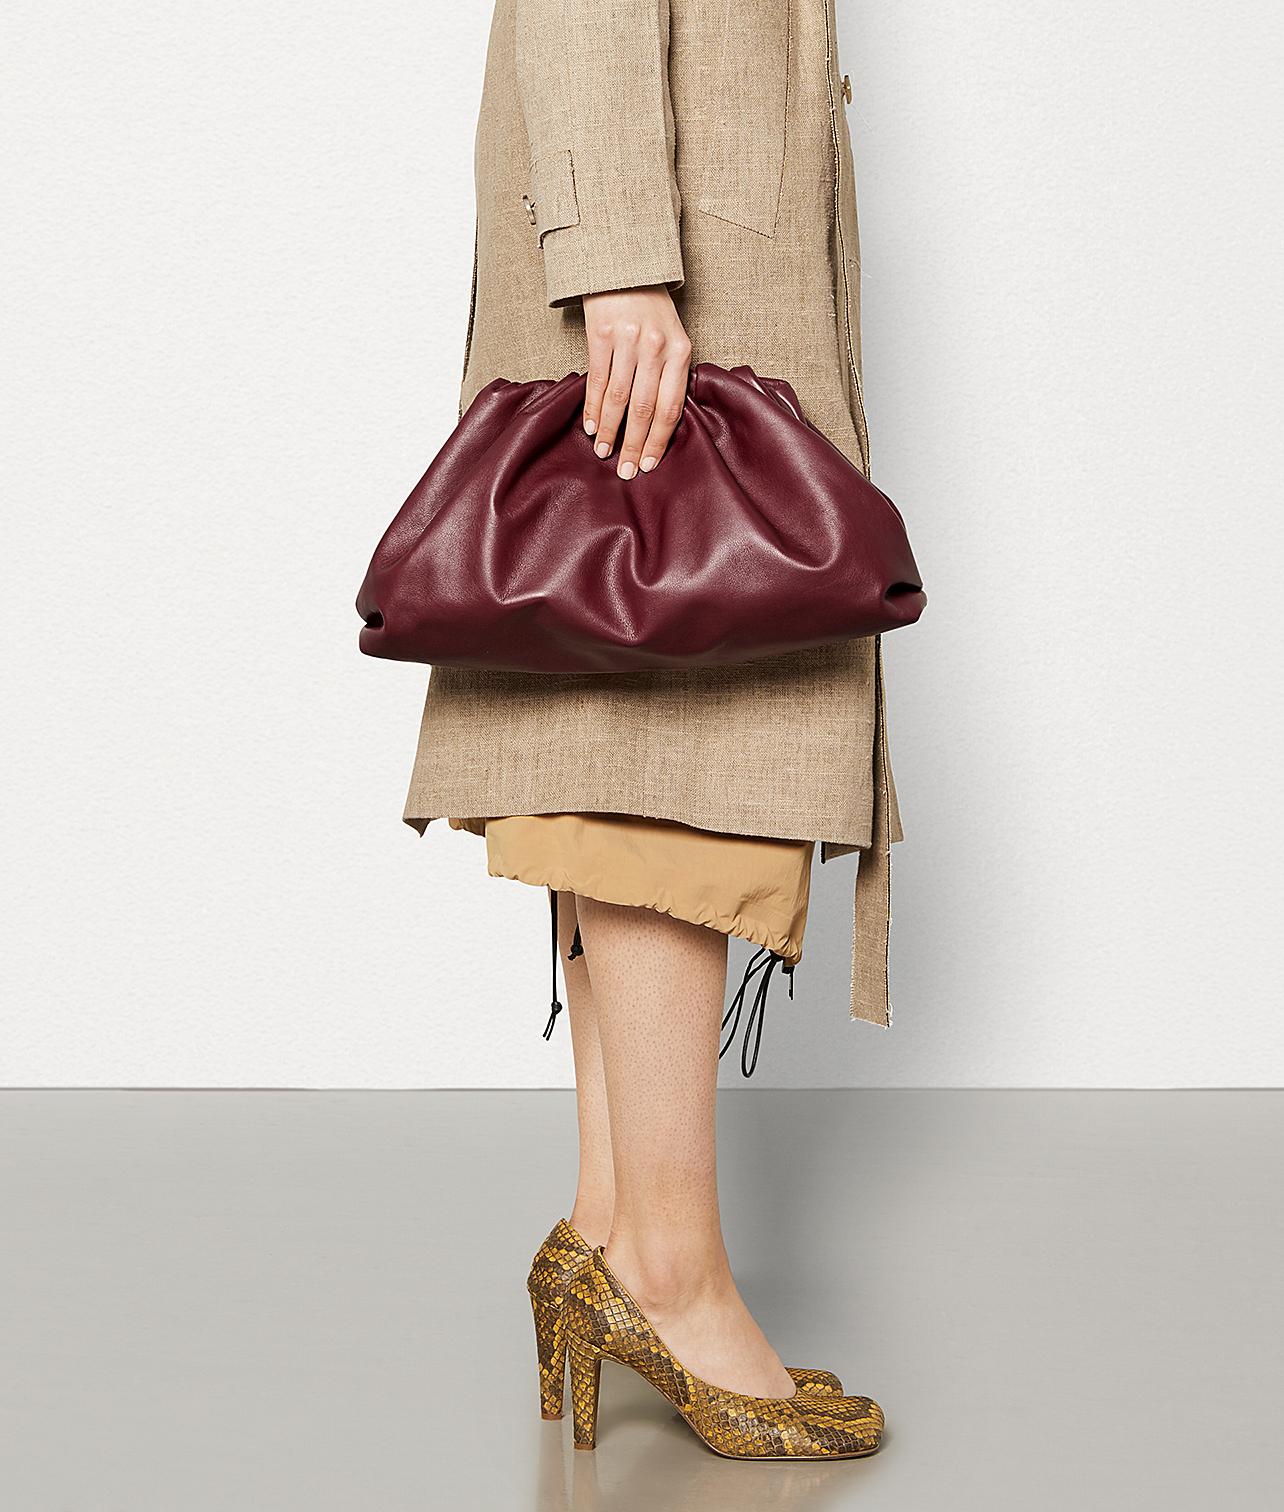 thiết kế túi cầm tay pouch clutch màu nâu đỏ của bottega veneta